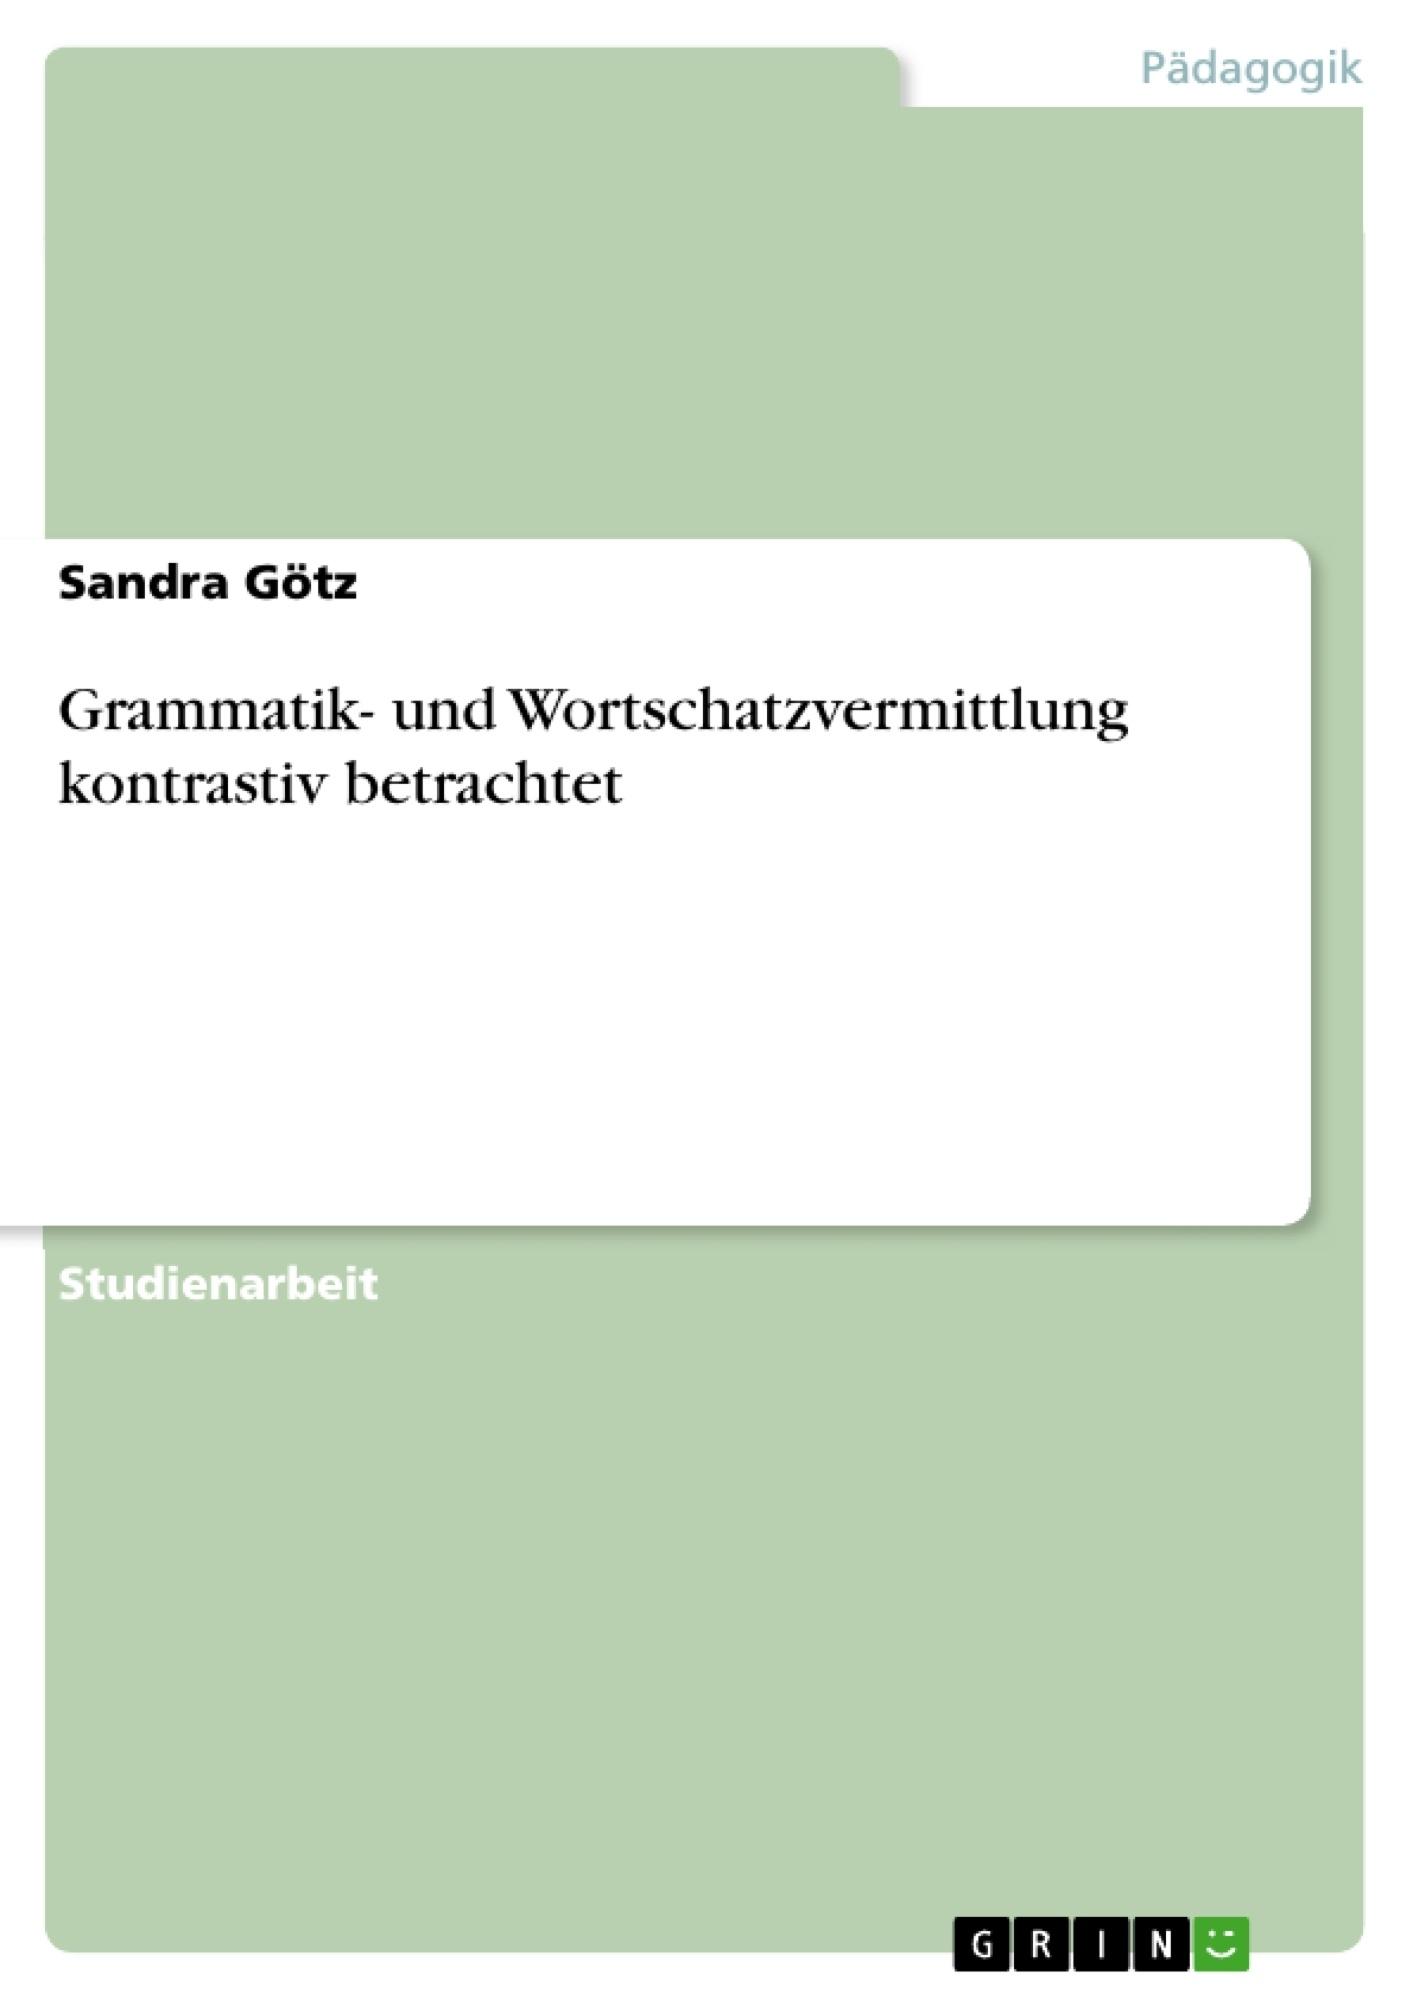 Titel: Grammatik- und Wortschatzvermittlung kontrastiv betrachtet